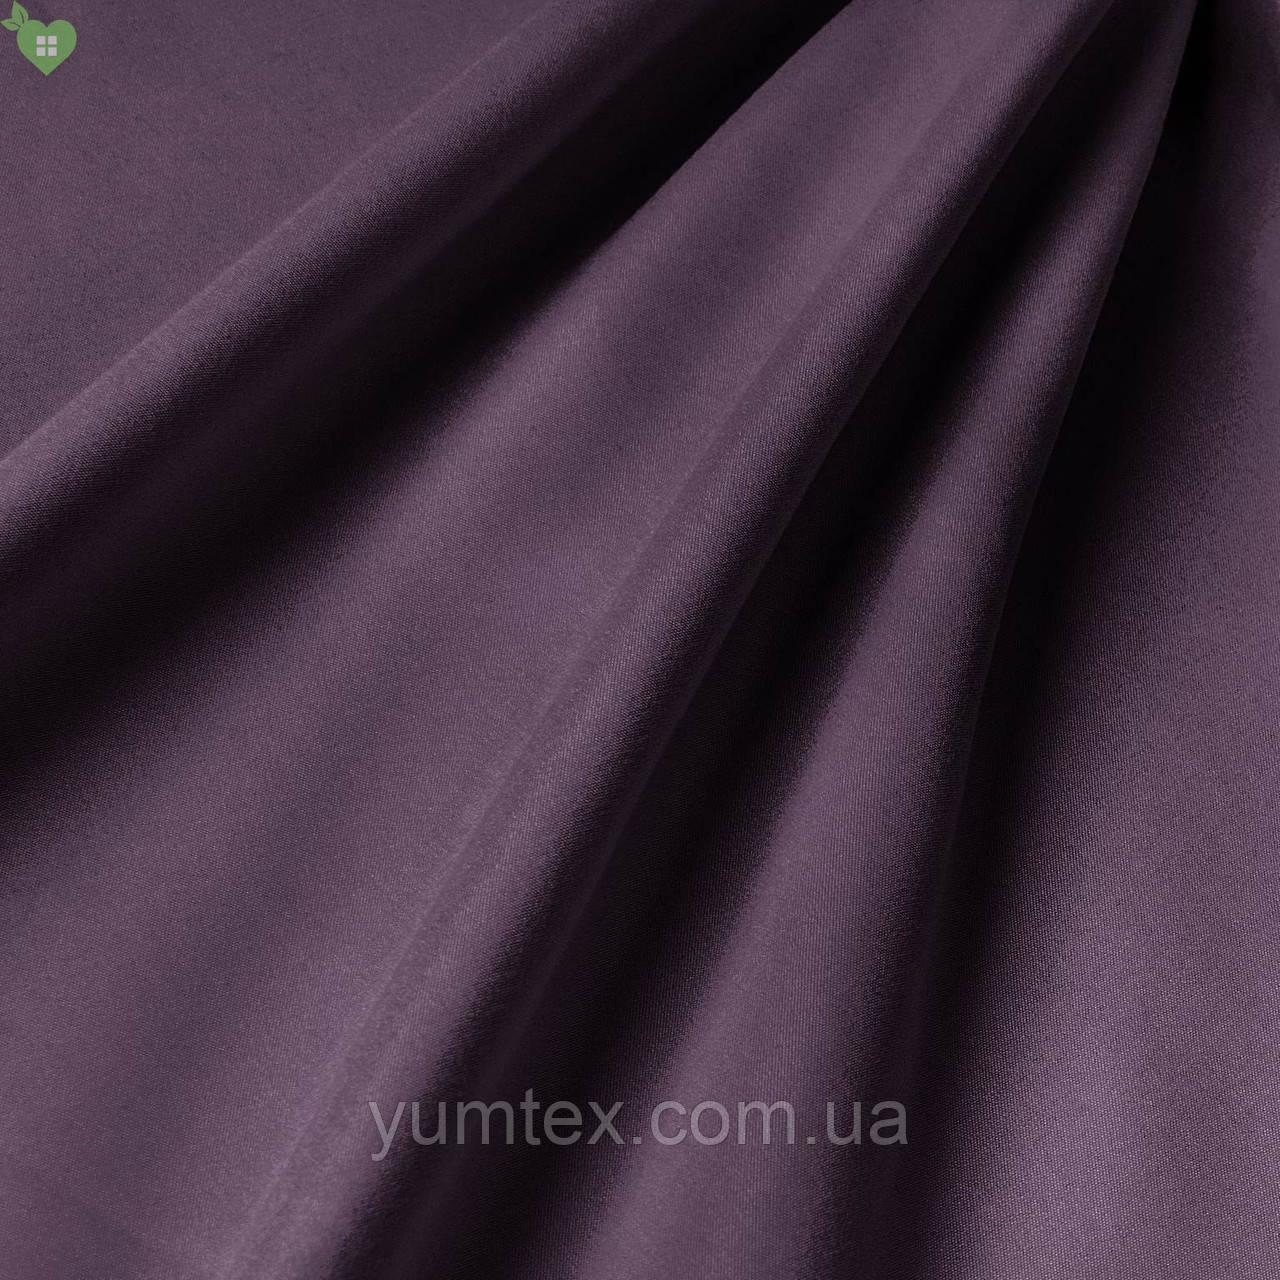 Подкладочная ткань матовая фактура блестящего темно-пурпурного цвета Испания